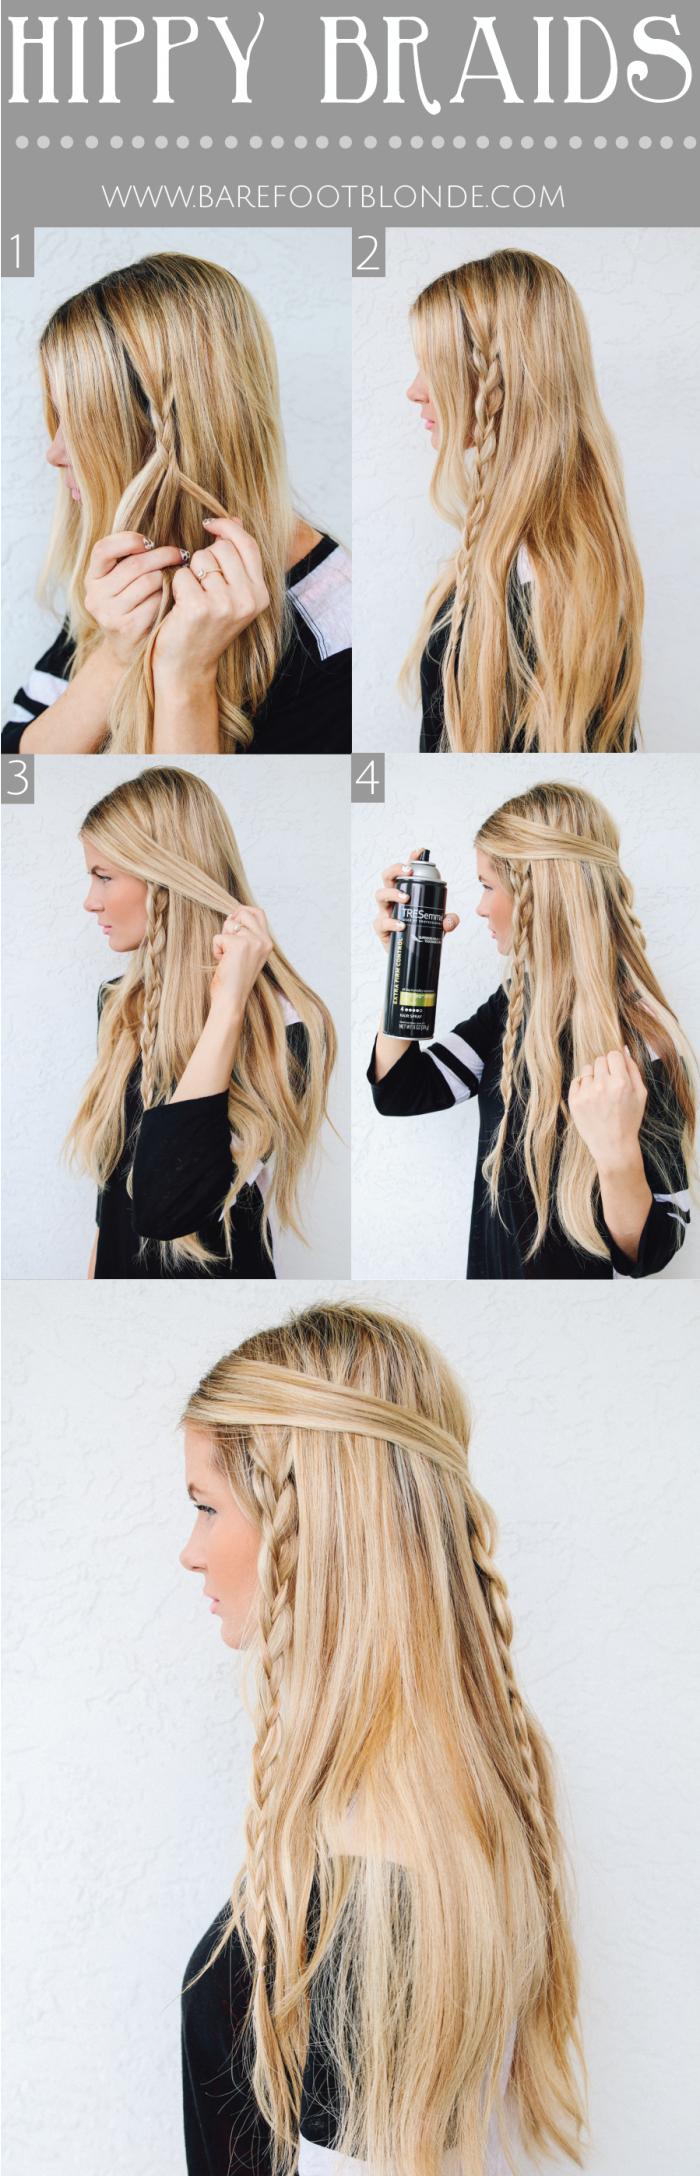 Anleitung Für Schöne Frisuren Hippie Frisur Hippie